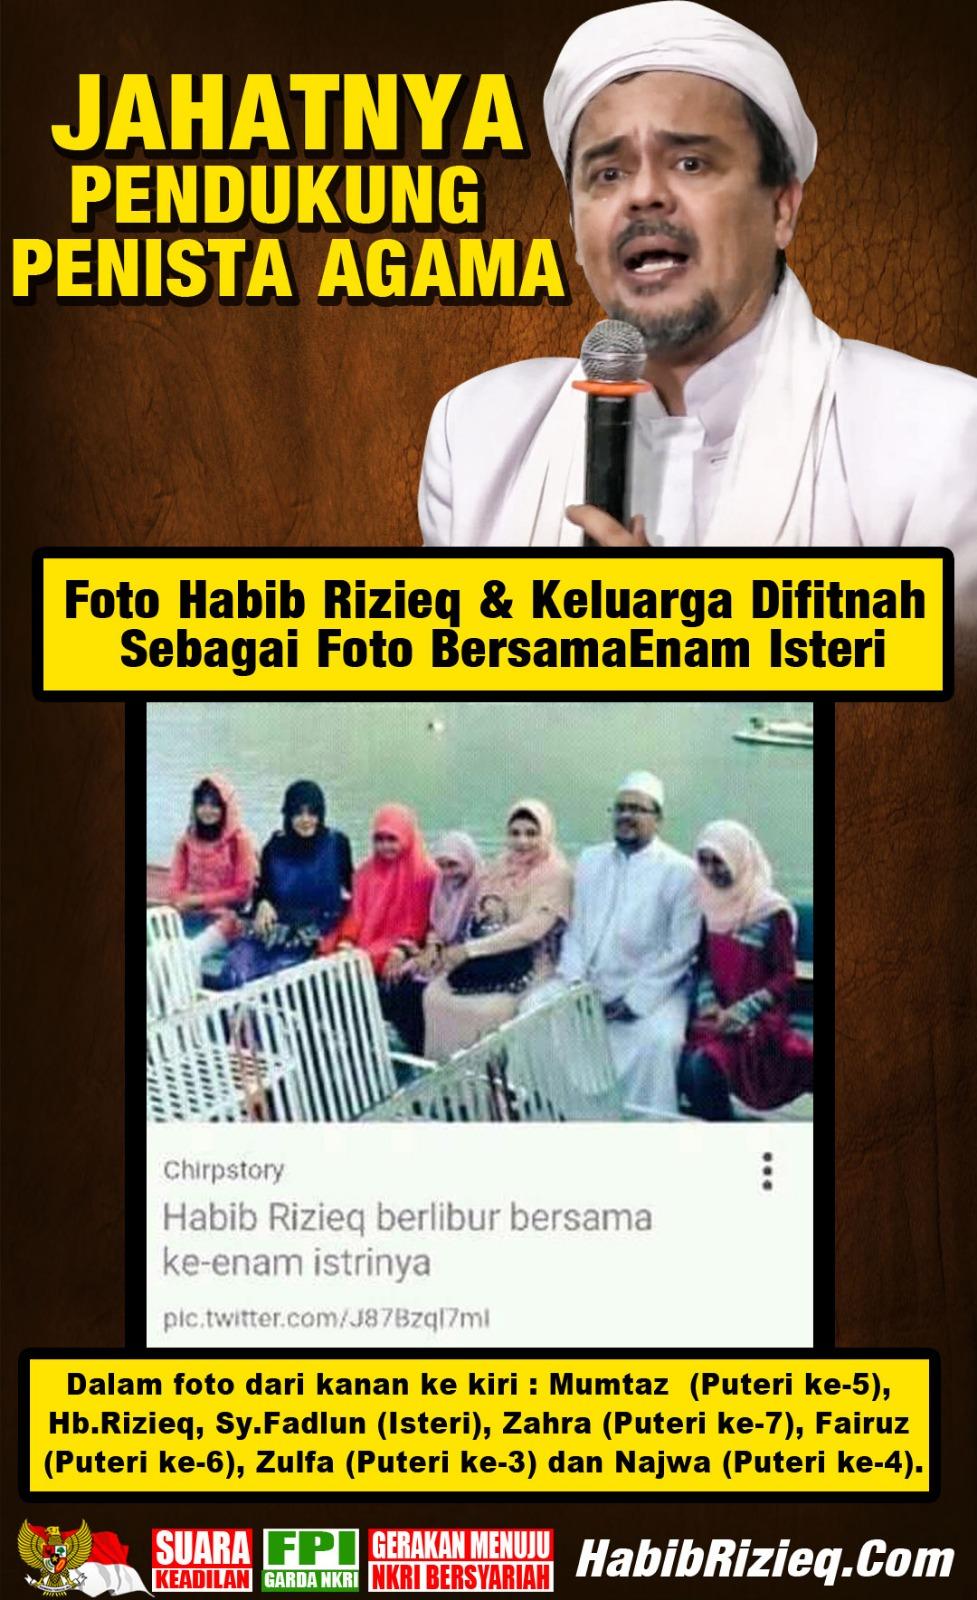 Sungguh Jahatnya Pendukung Penista Agama! Sampai-sampai Fitnah Habib Rizieq dengan Foto ini : Detikberita.co Terbaru Hari Ini